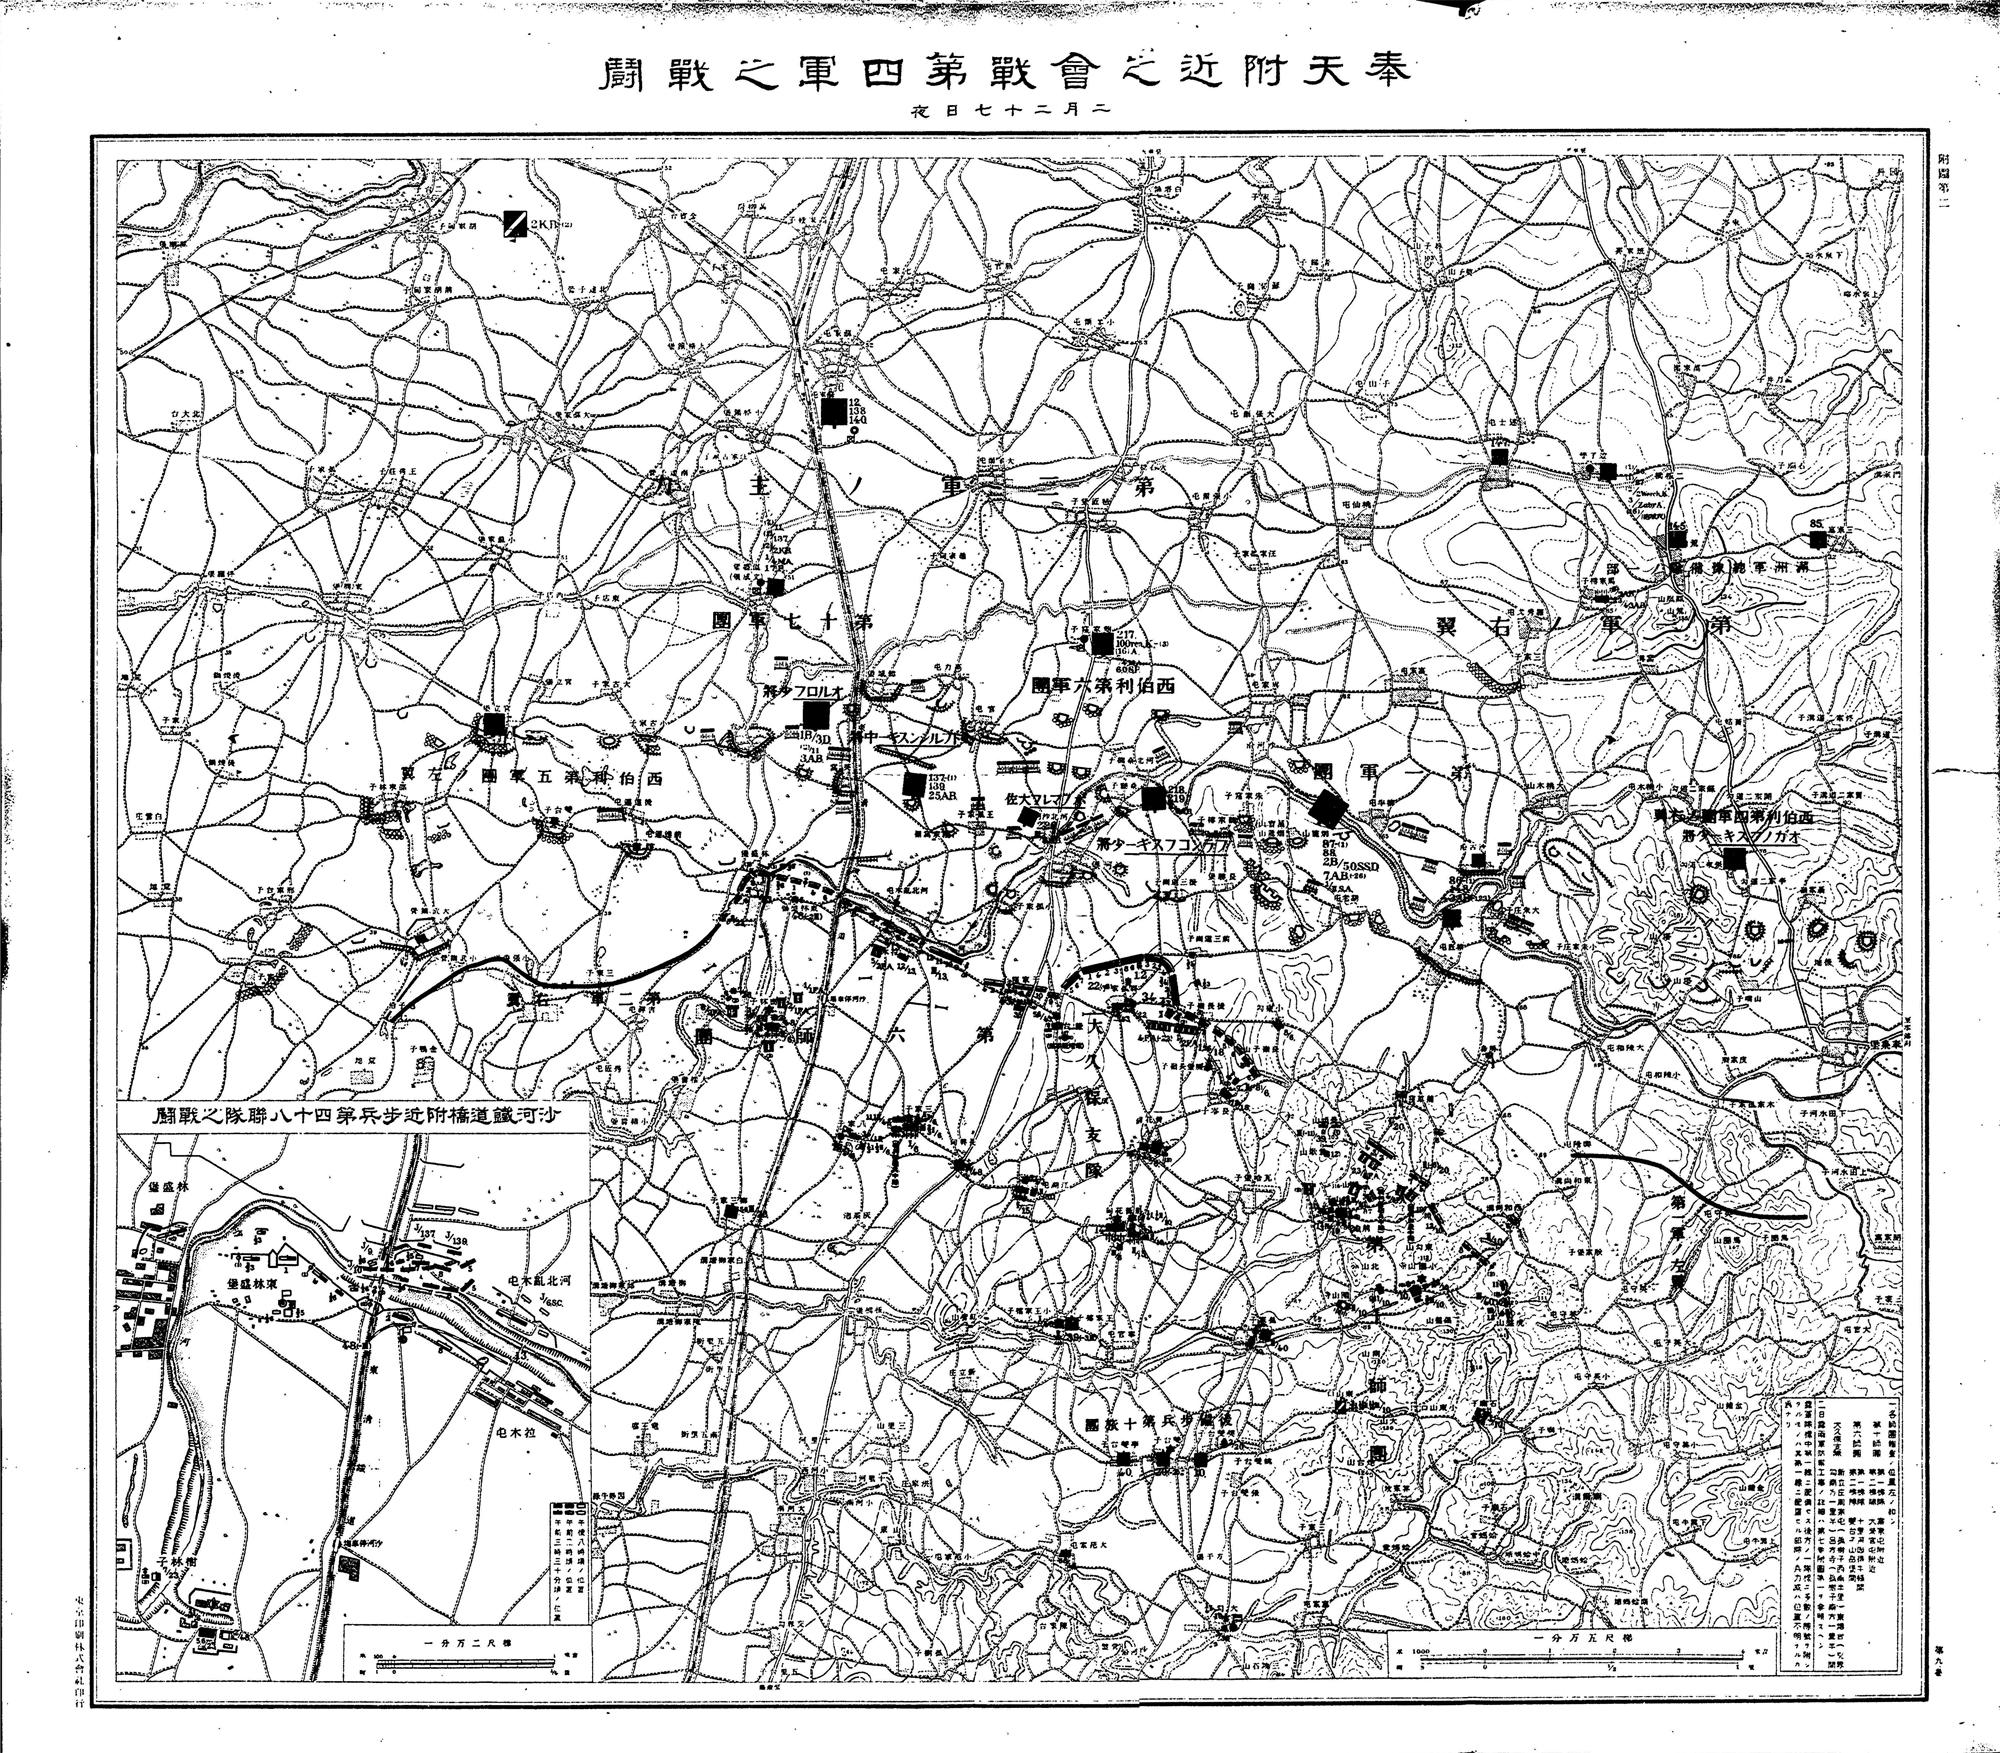 昌円陣地を視察中の大山巌 ... : 日本地図 件名 : 日本